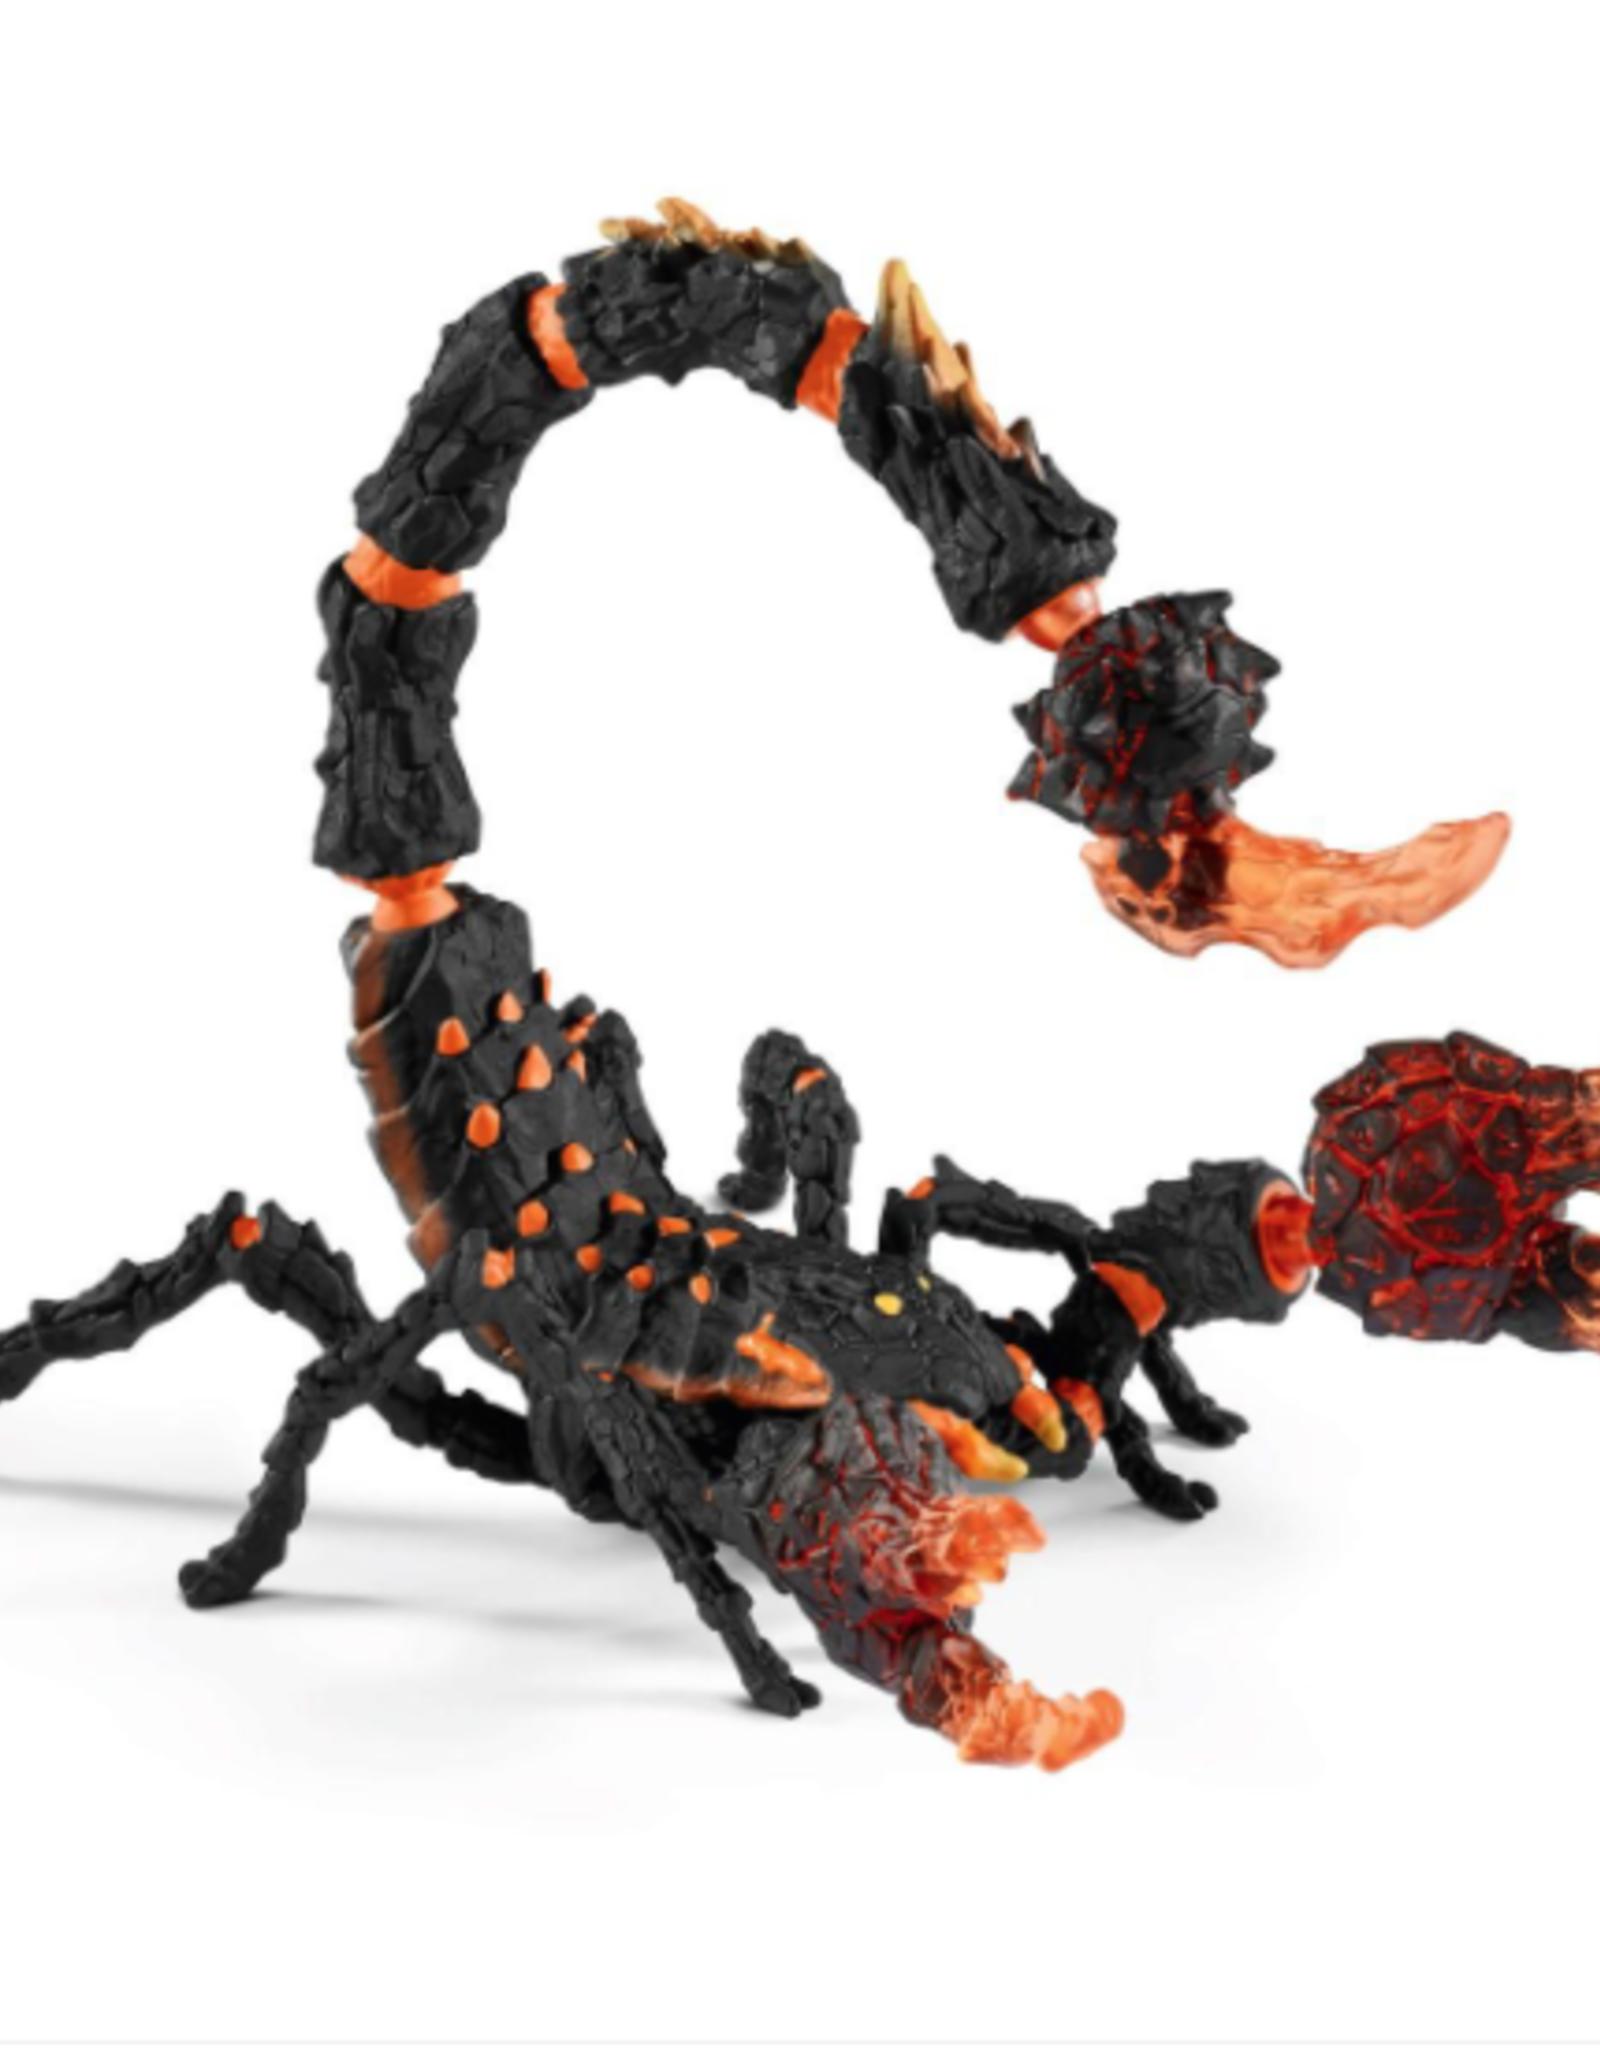 Schleich Schleich Lava Scorpion